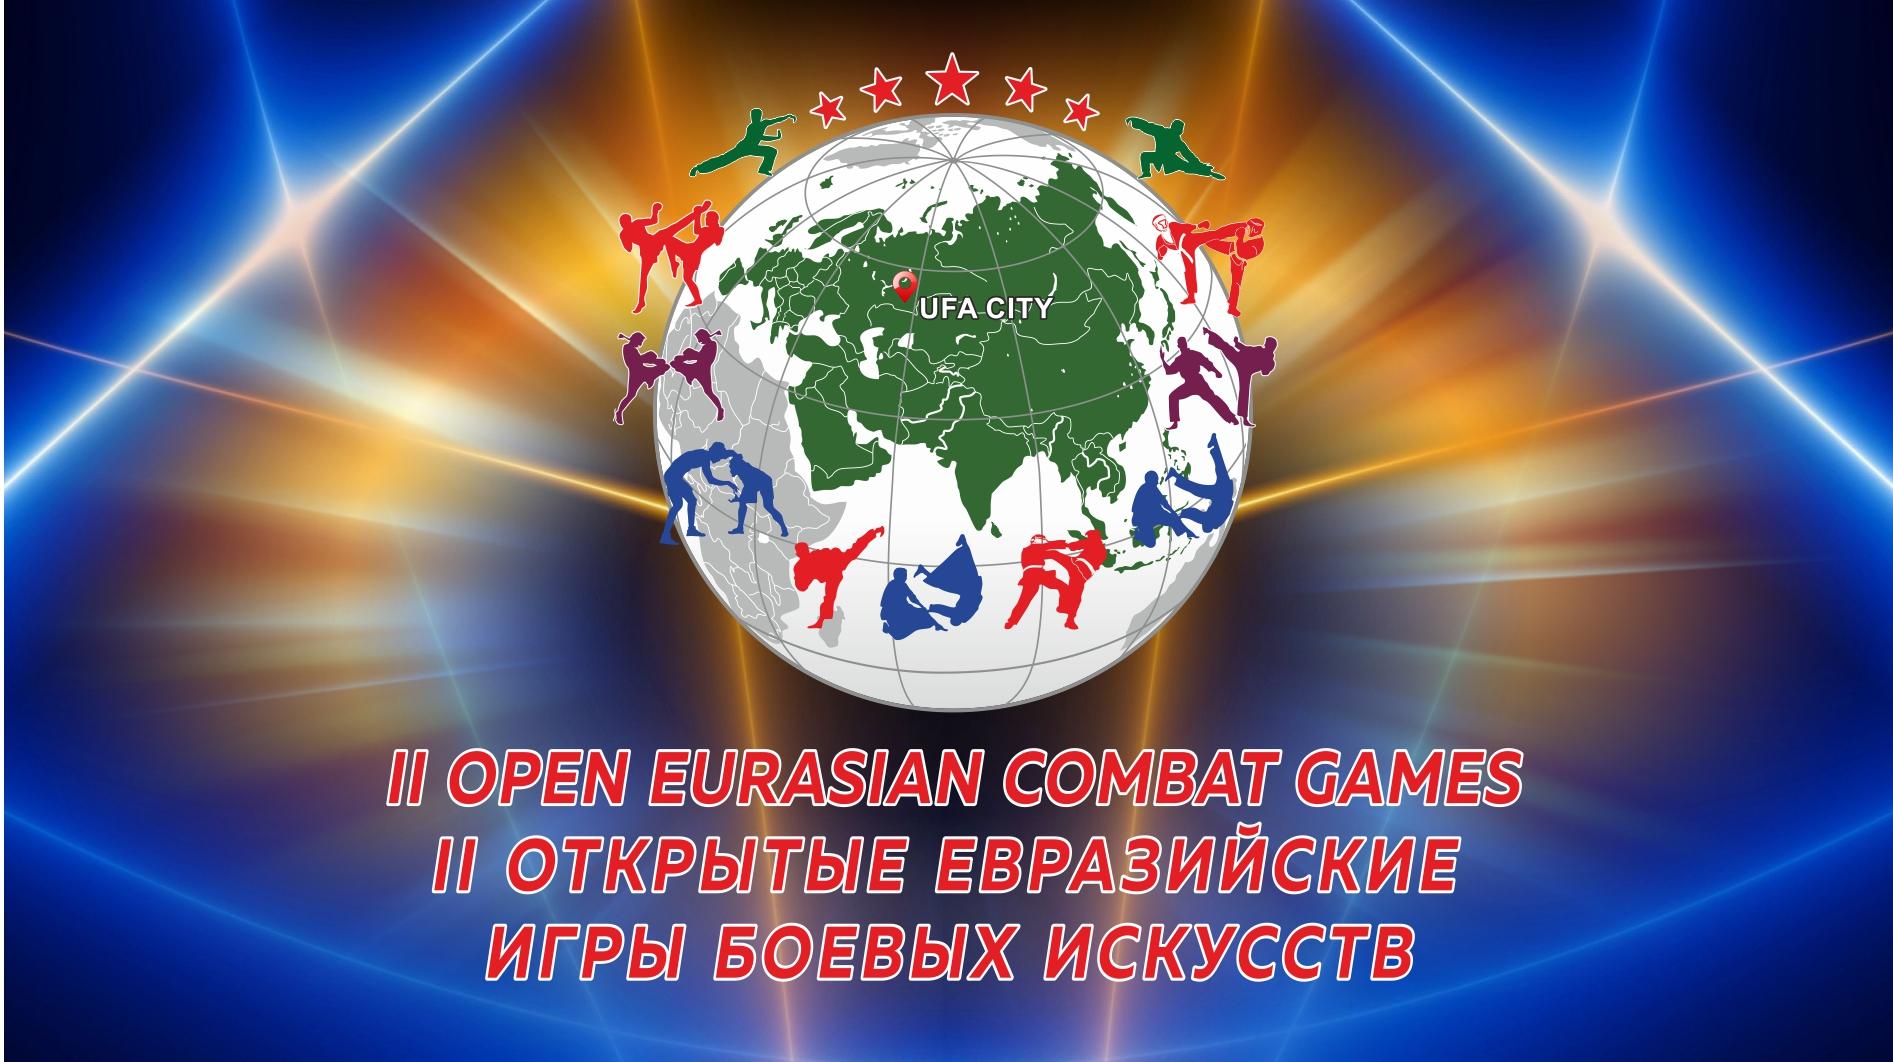 http://sbirb.combatsd.ru/images/upload/игры7%20(1).jpg